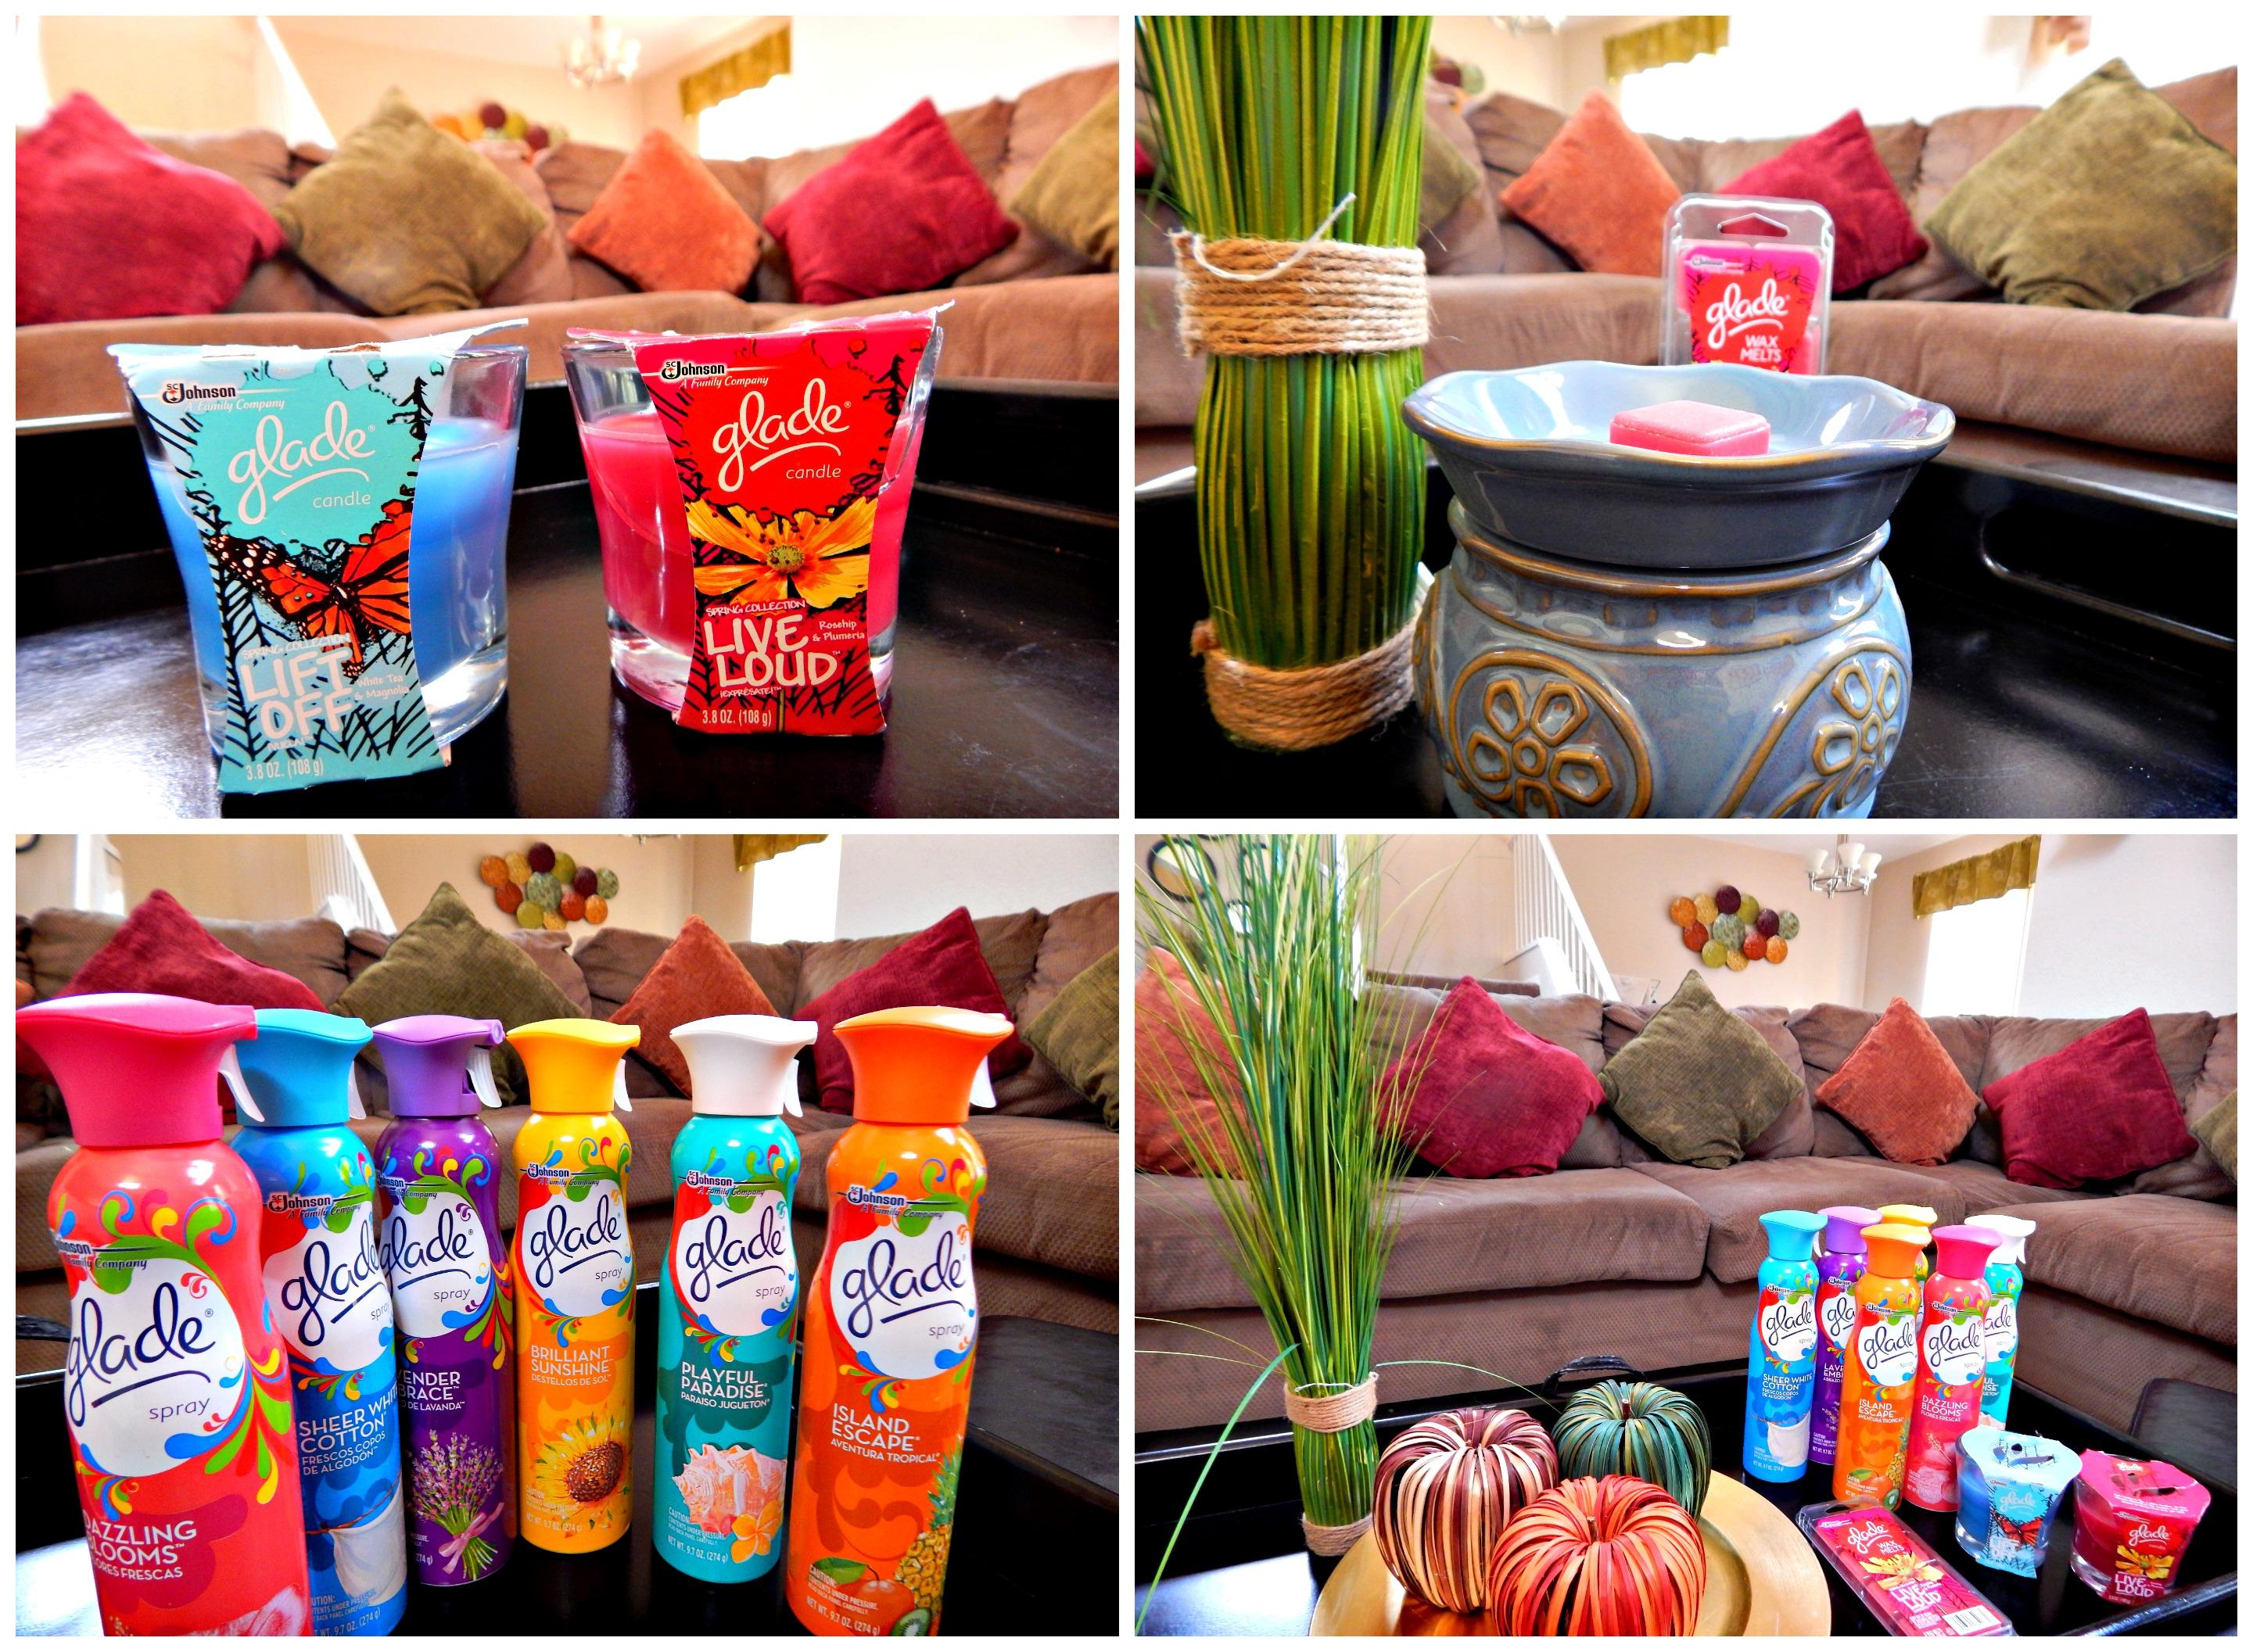 Lleva los mejores aromas a tu hogar sorteo mam noticias - Los mejores ambientadores para el hogar ...